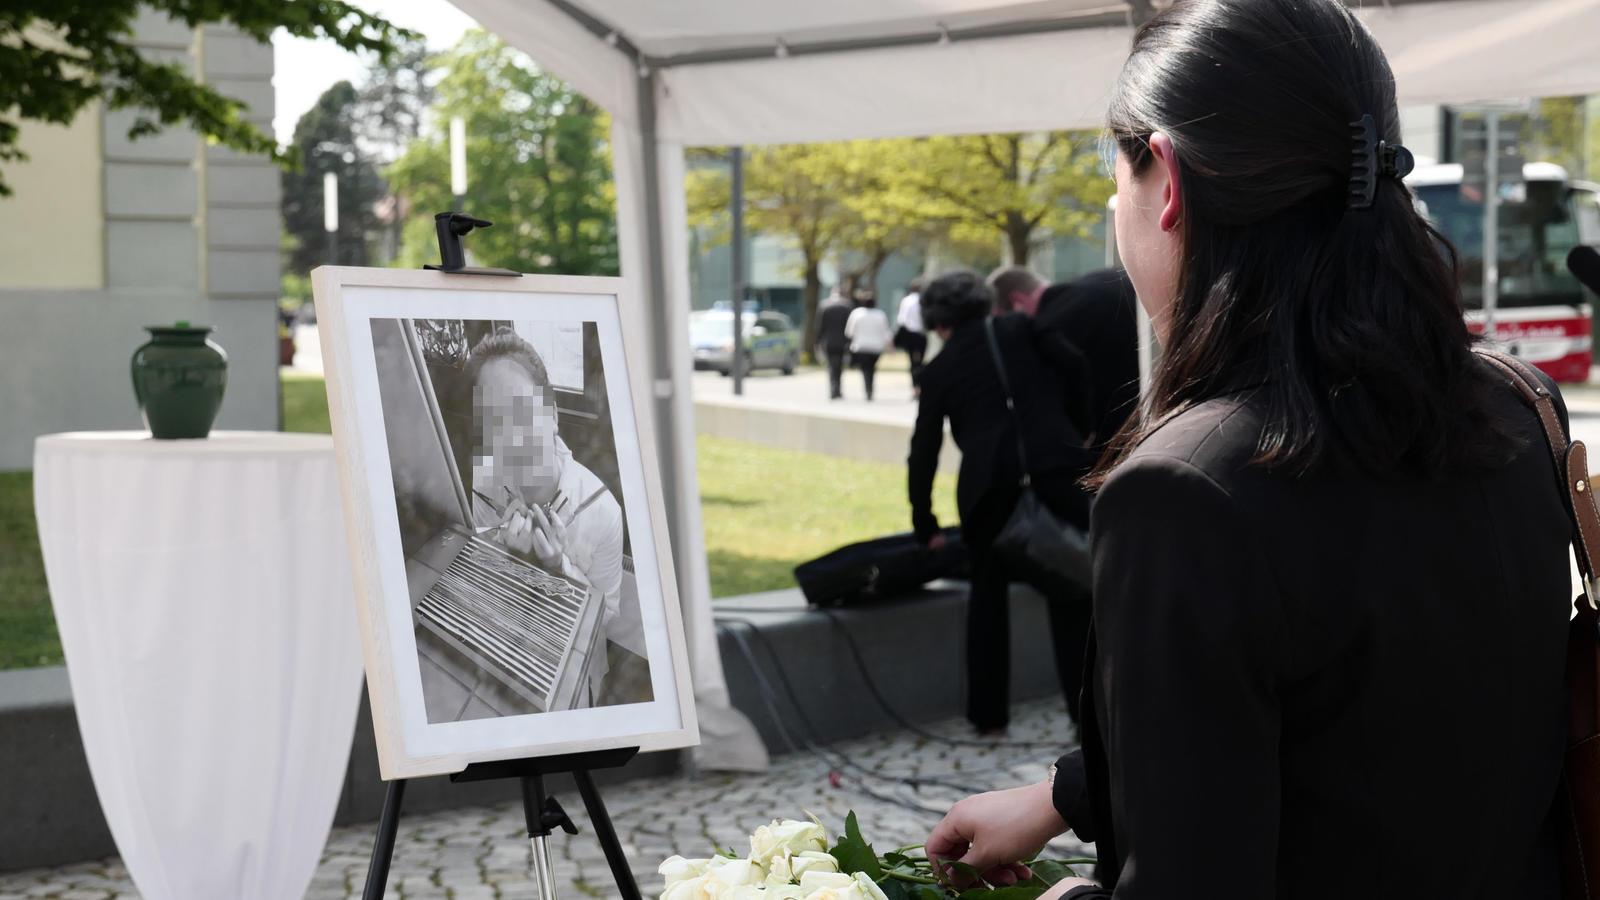 Die chinesische Studentin Yangjie Li wurde in Dessau ermordet.